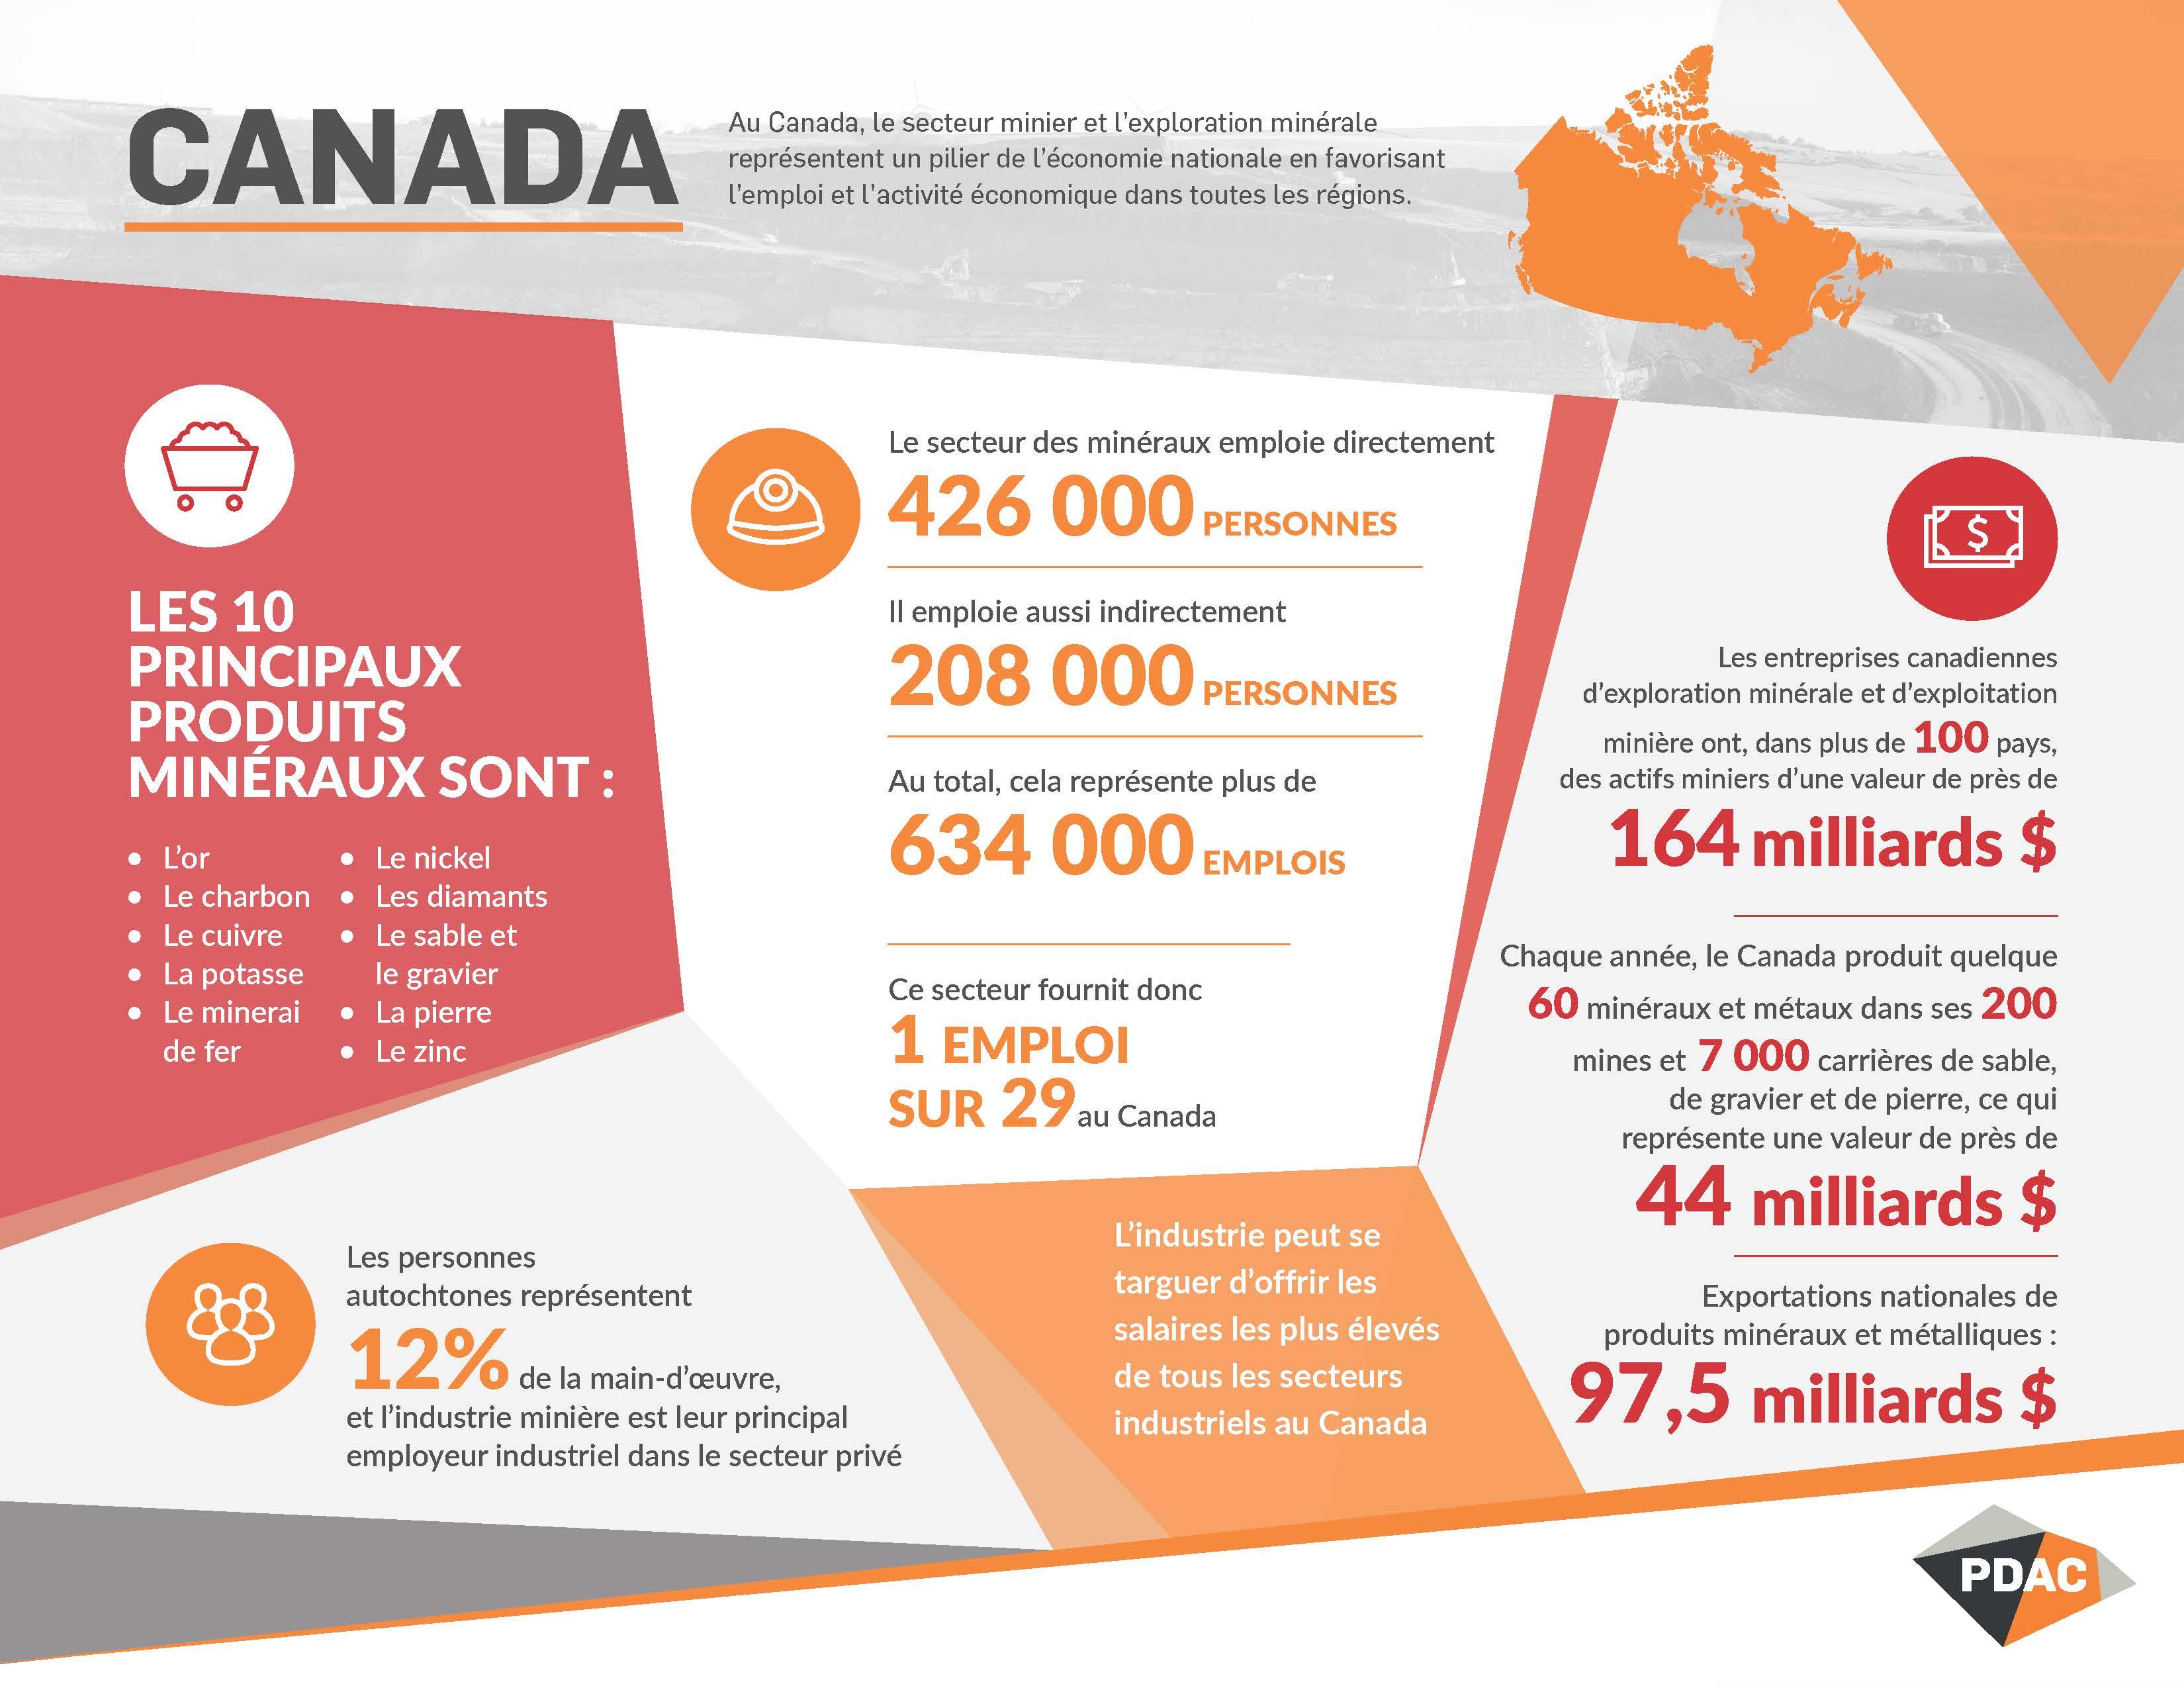 PDAC Canada_FR